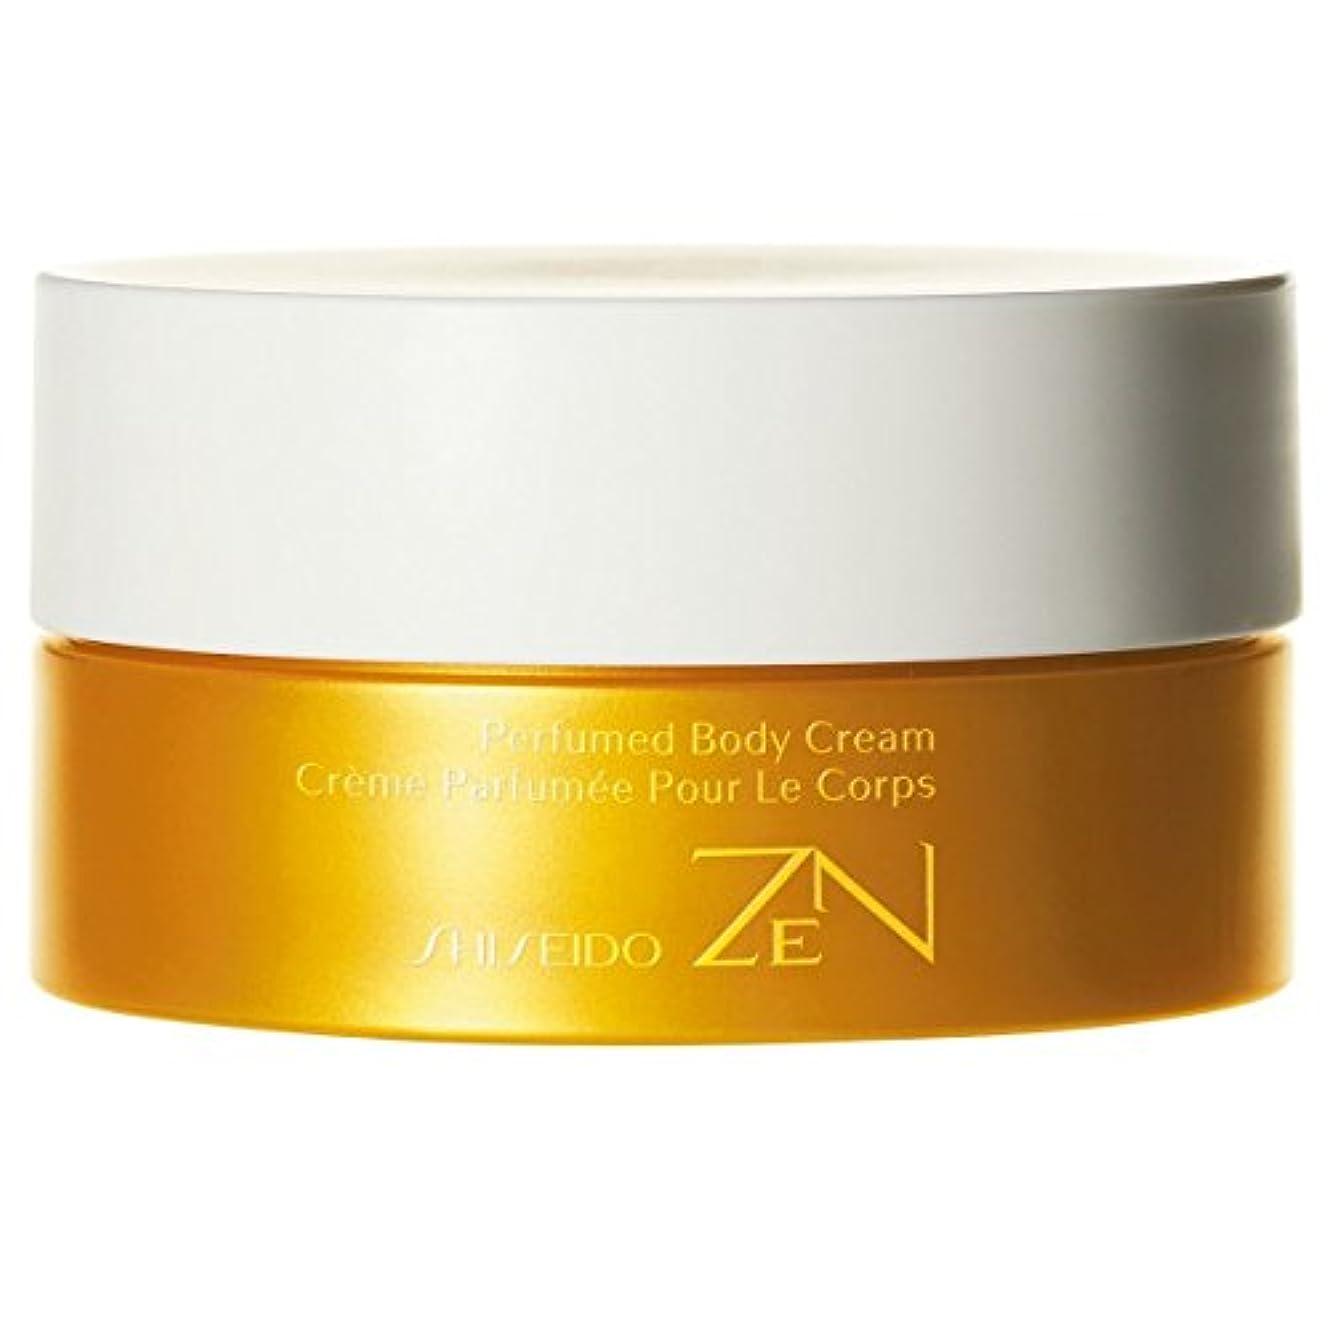 マイクロプロセッサ医師見る[Shiseido ] 資生堂禅香りのボディクリーム200ミリリットル - Shiseido Zen Perfumed Body Cream 200ml [並行輸入品]